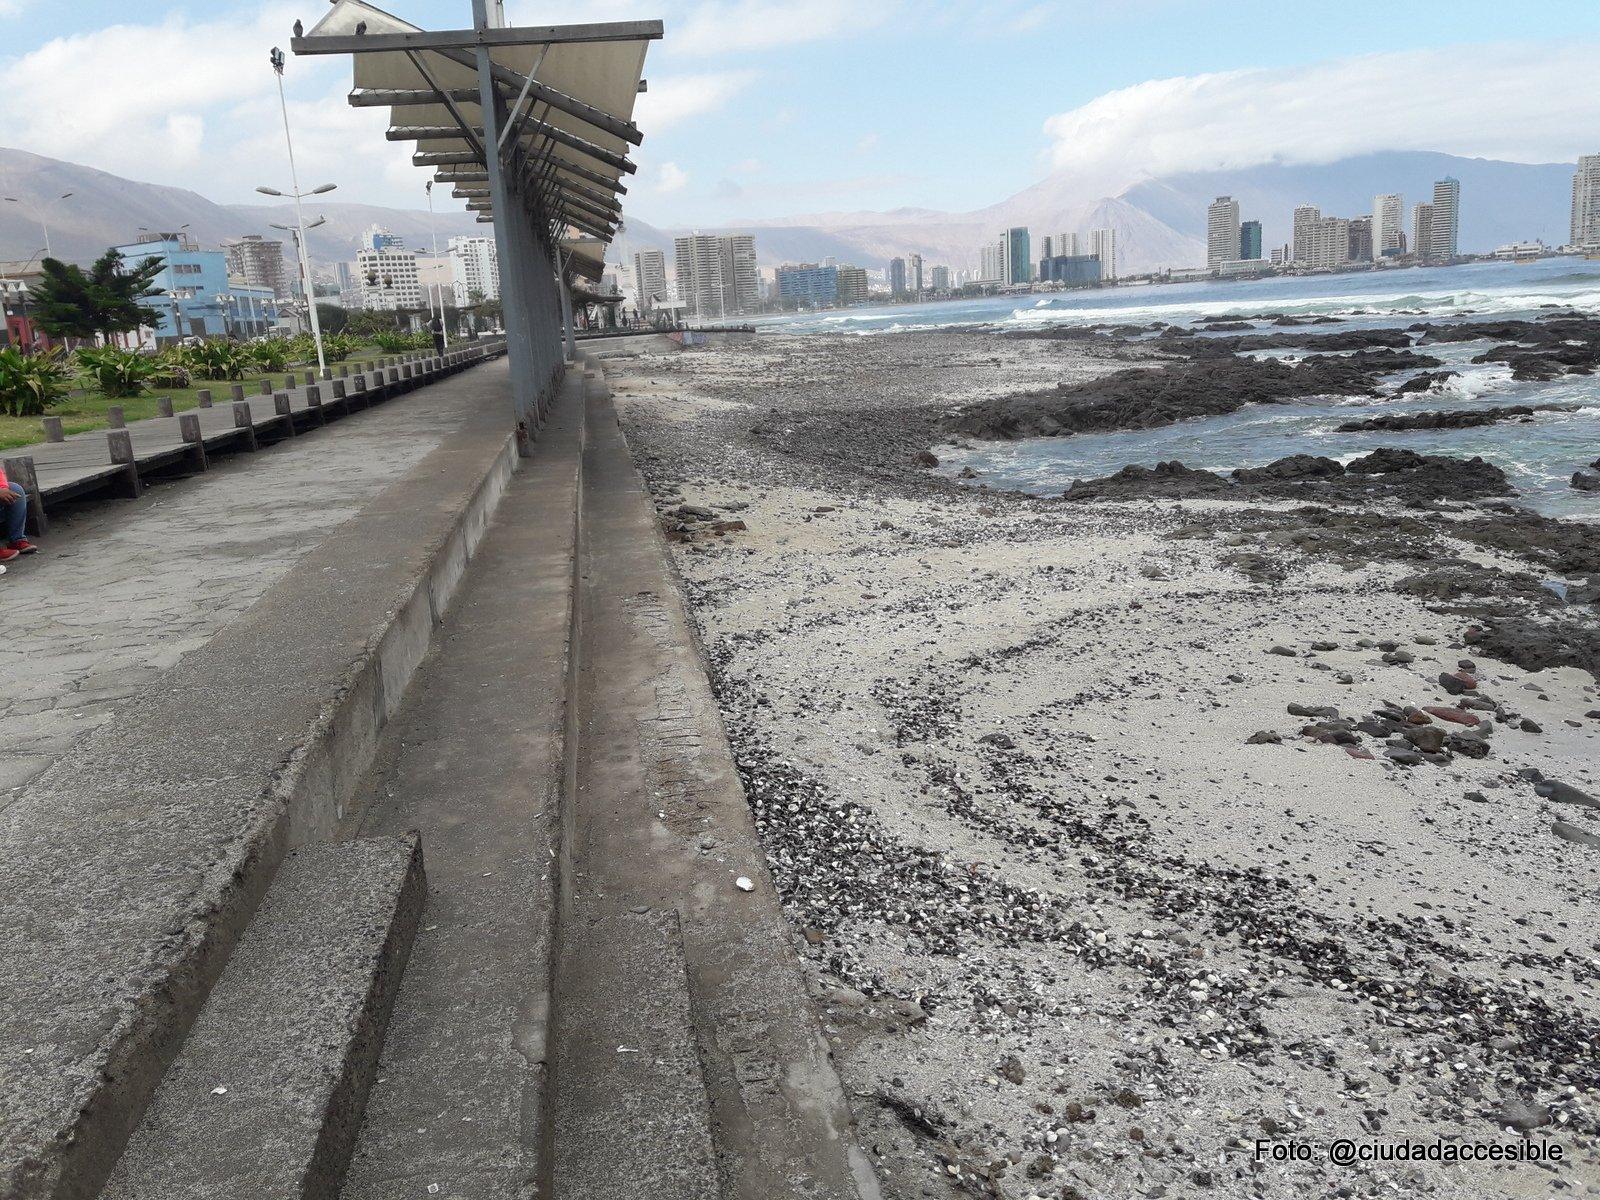 borde de la playa al que se accede por peldaños